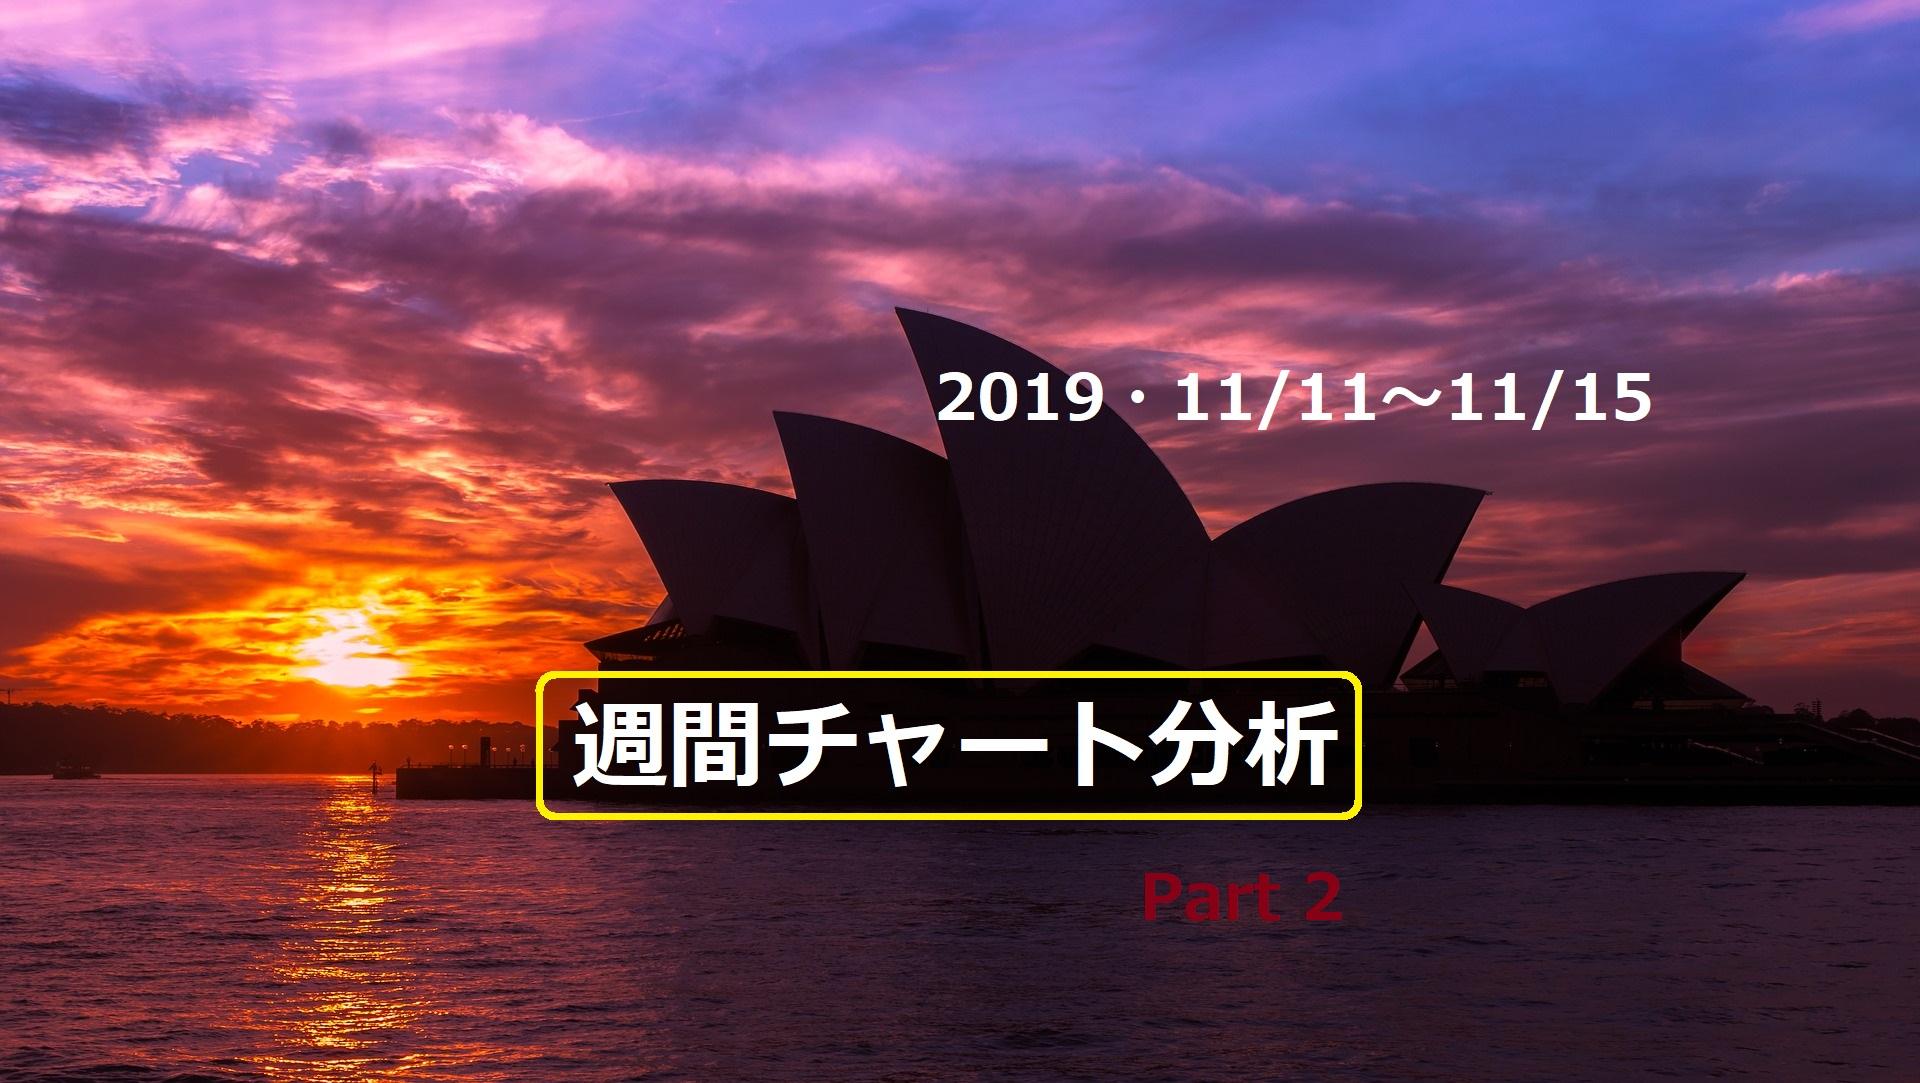 【FX】週間チャート分析【2019・11/11~11/15】【Part 2】